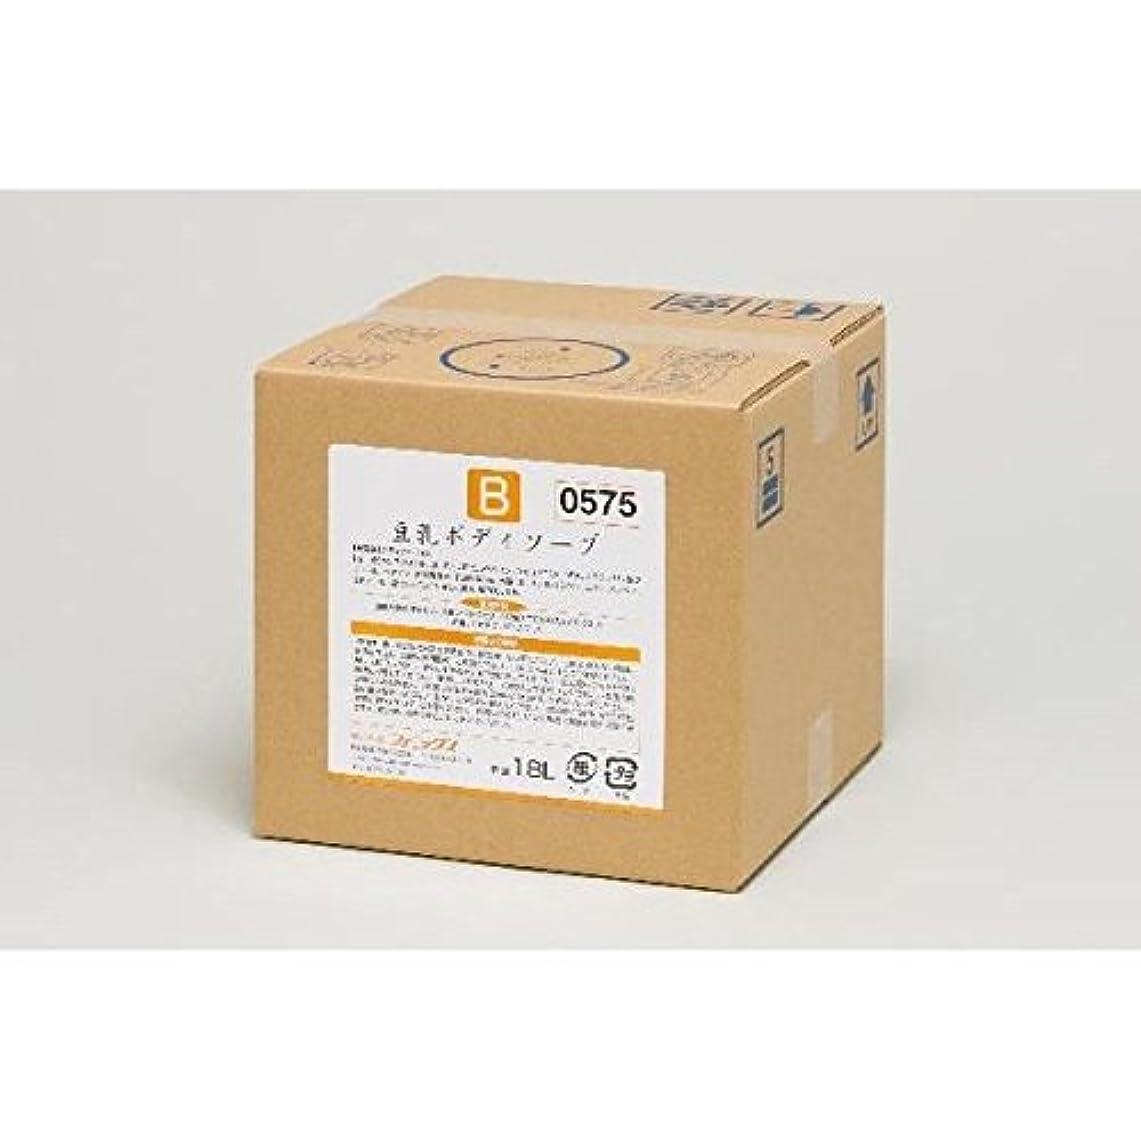 余分な形容詞有害な豆乳ボディソープ / 00090575 18L 1缶